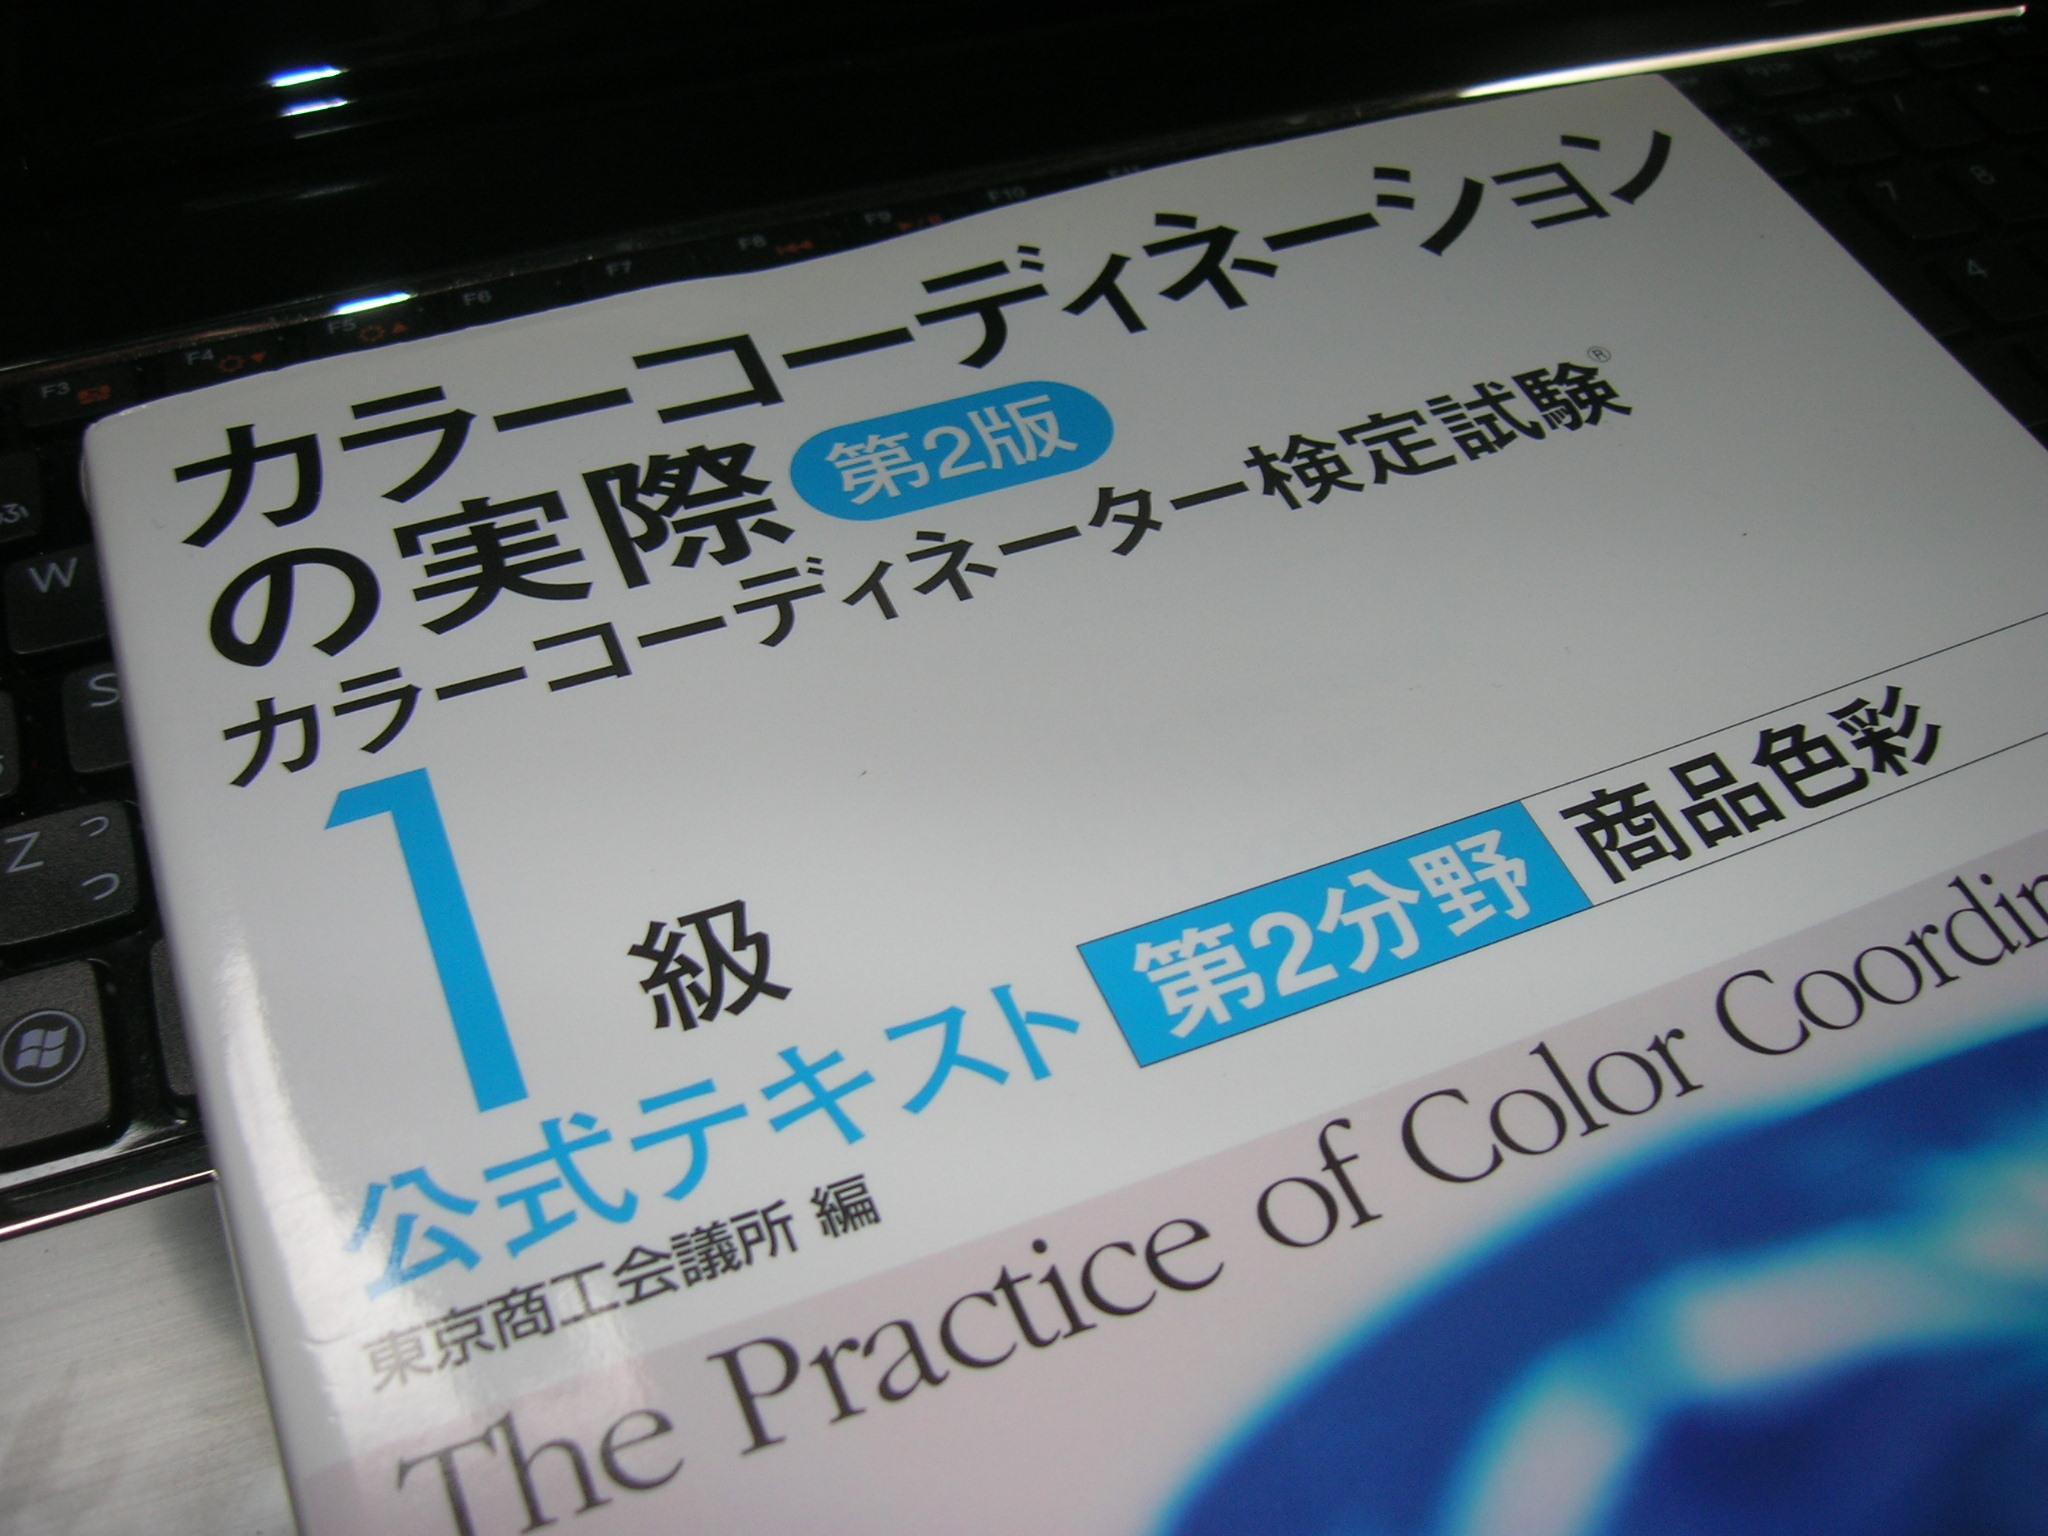 カラーコーディネーター検定試験1級公式テキスト(第2分野:商品色彩)